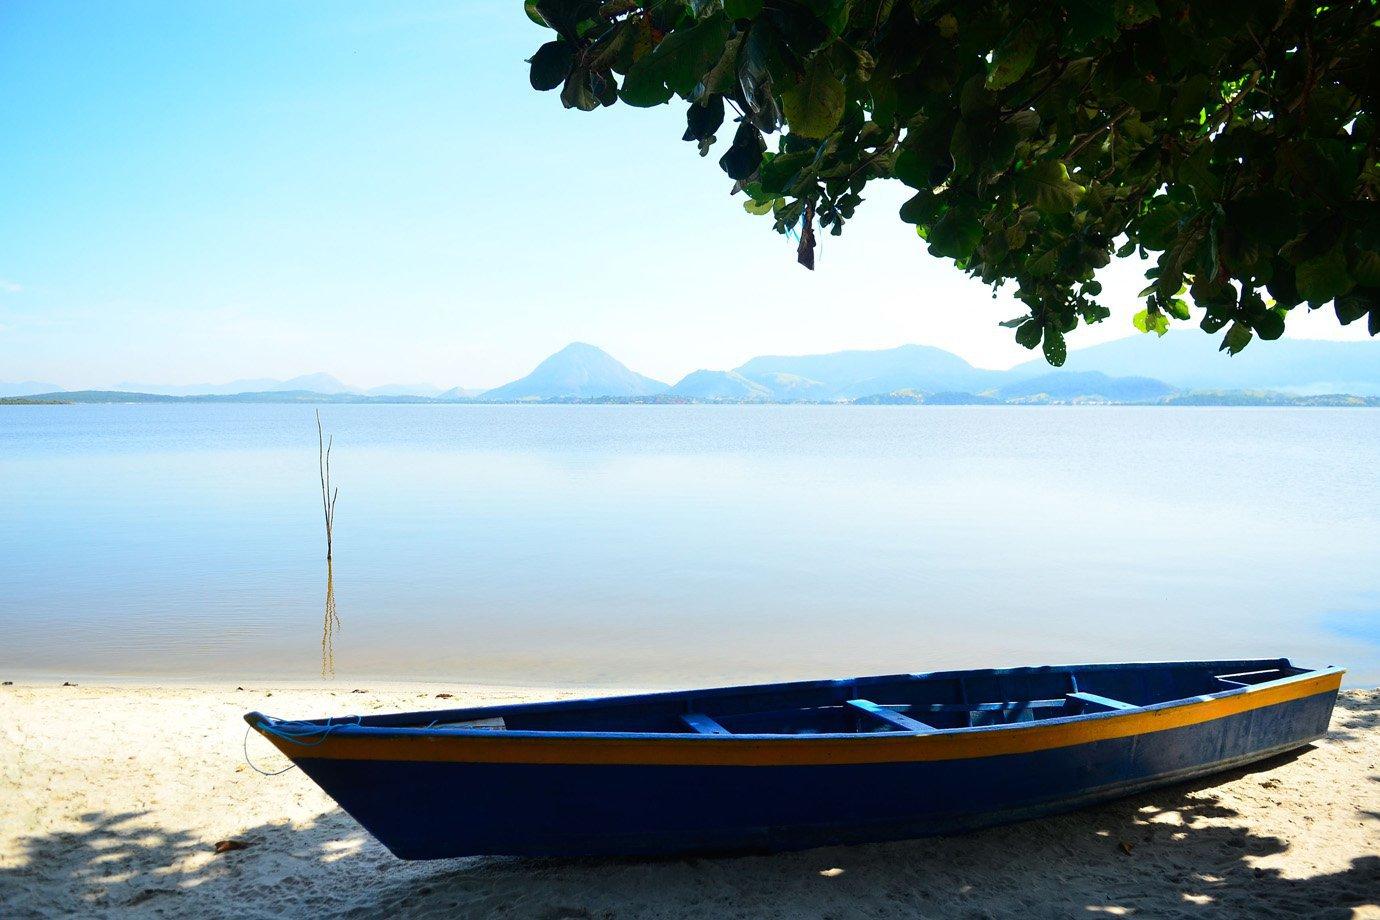 Comunidade de pescadores em Maricá - RJ